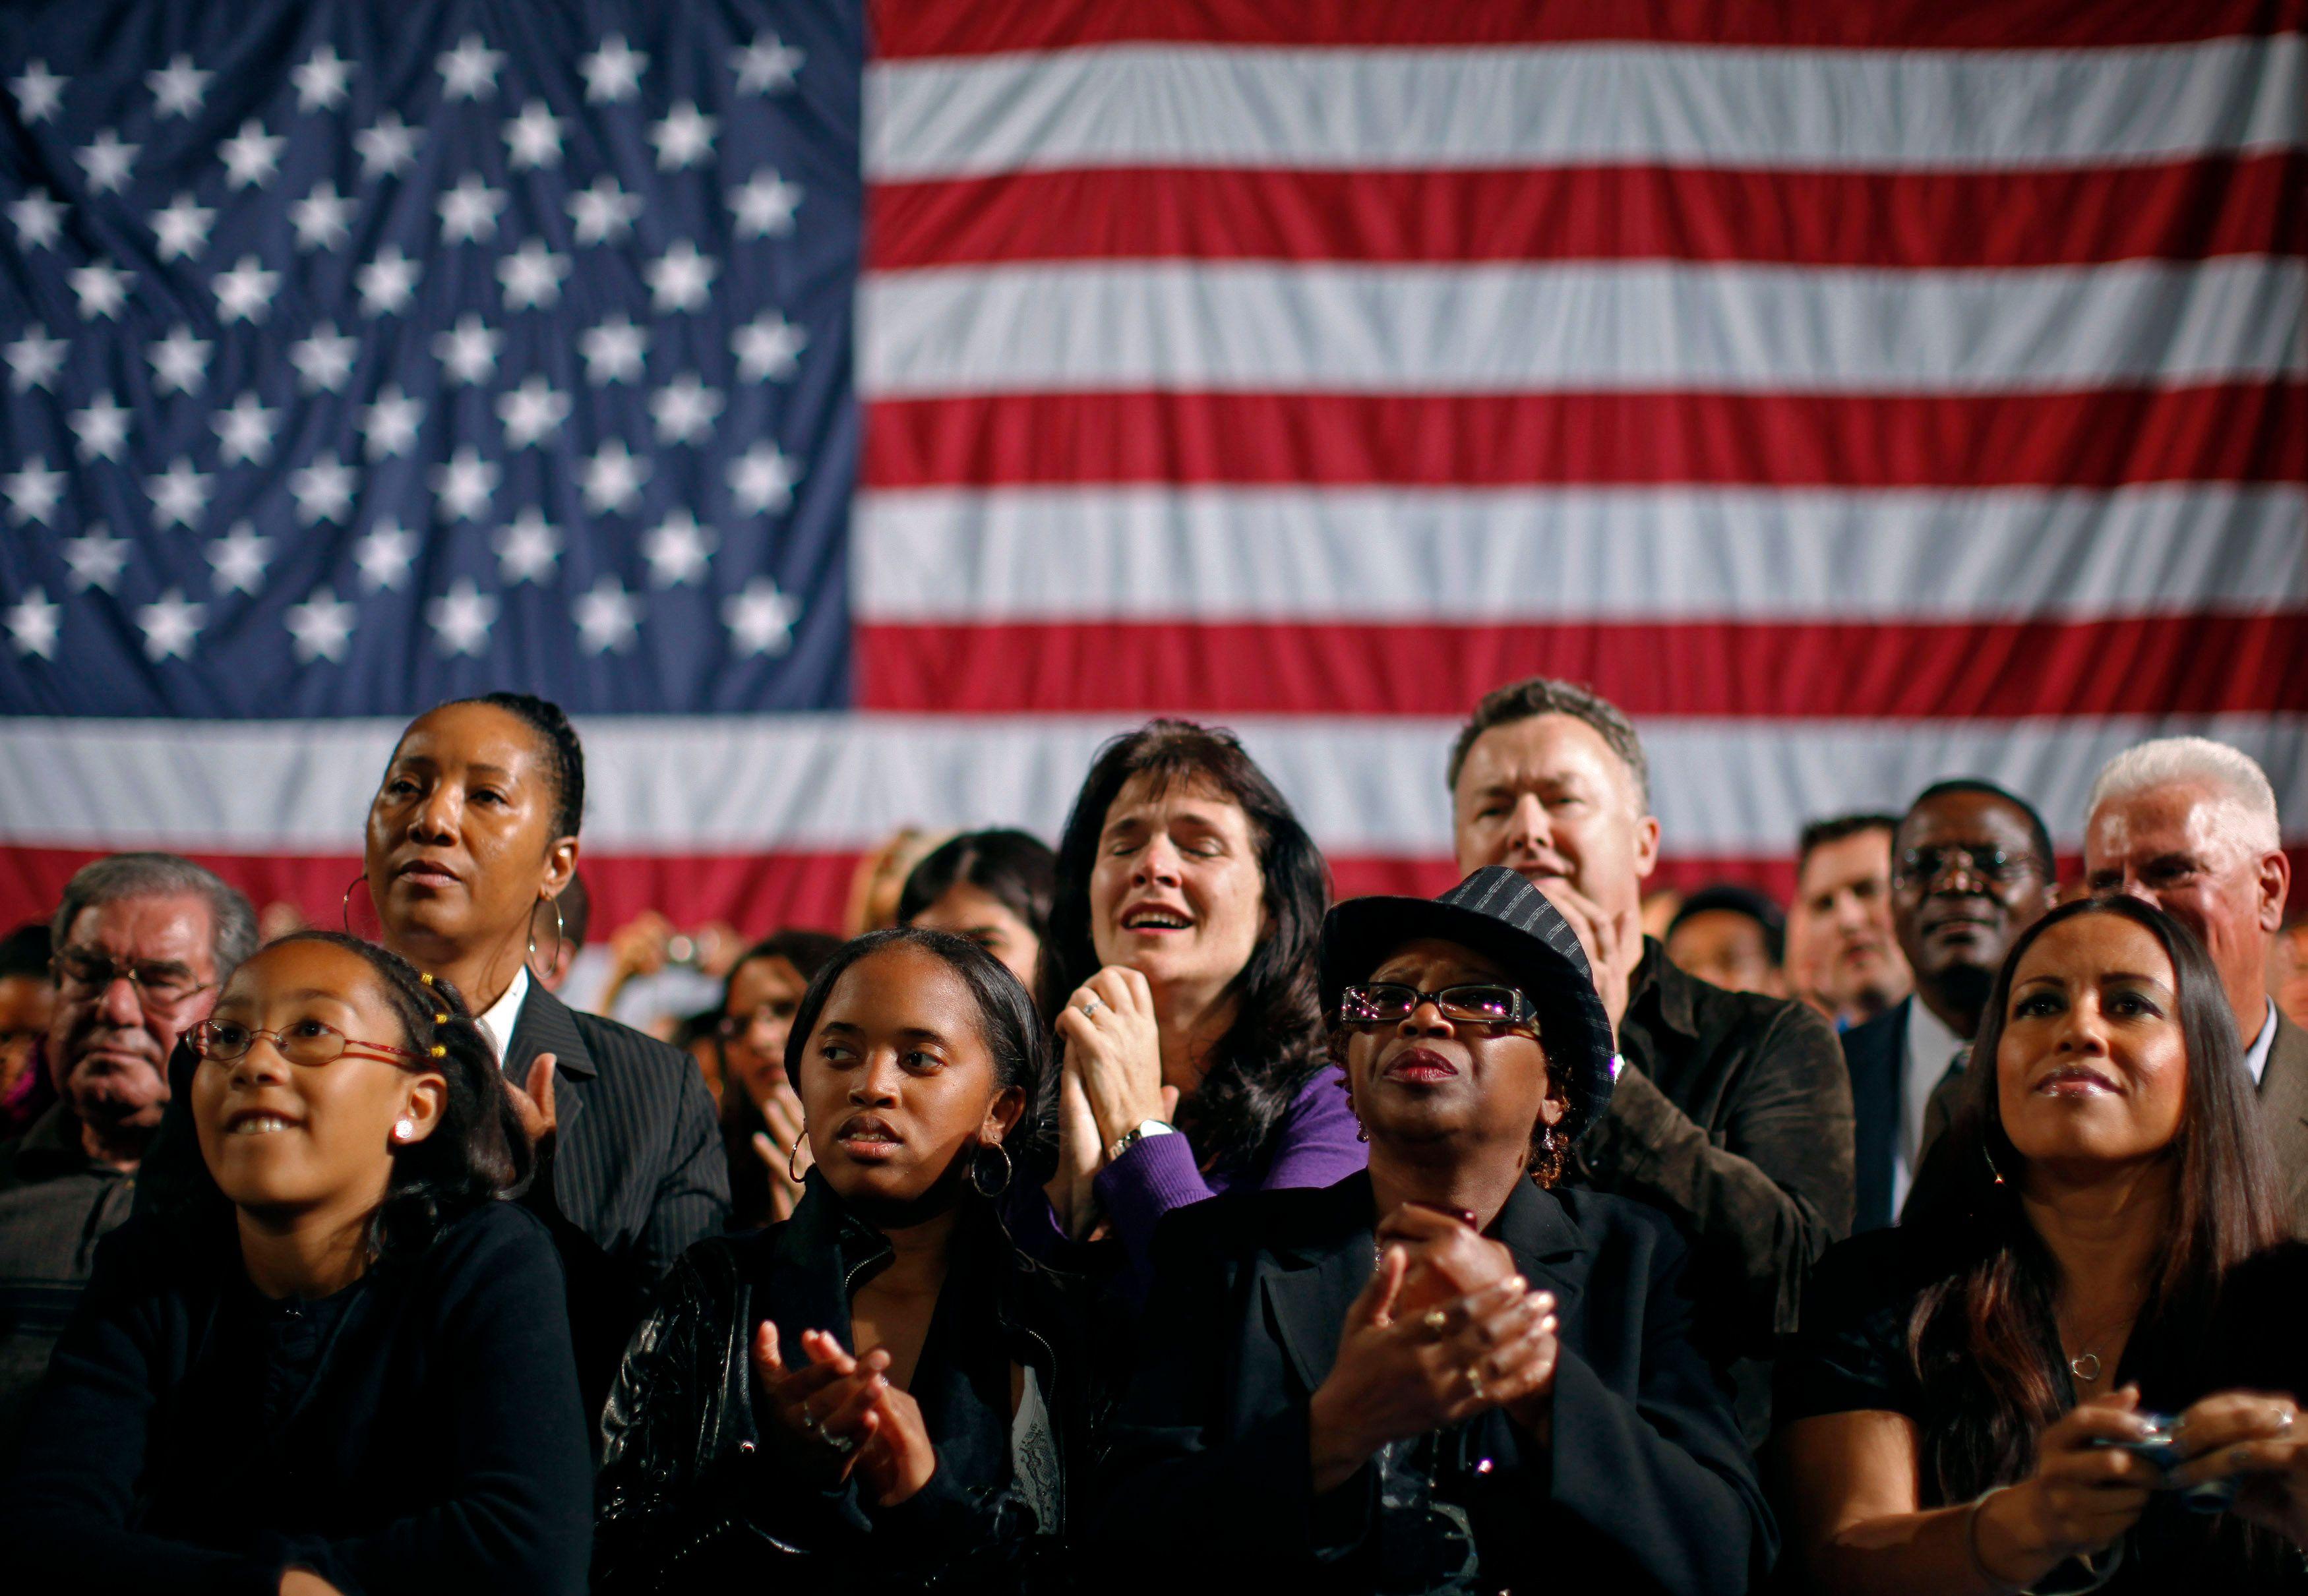 Trop inégalitaire, l'Amérique ne fait plus rêver